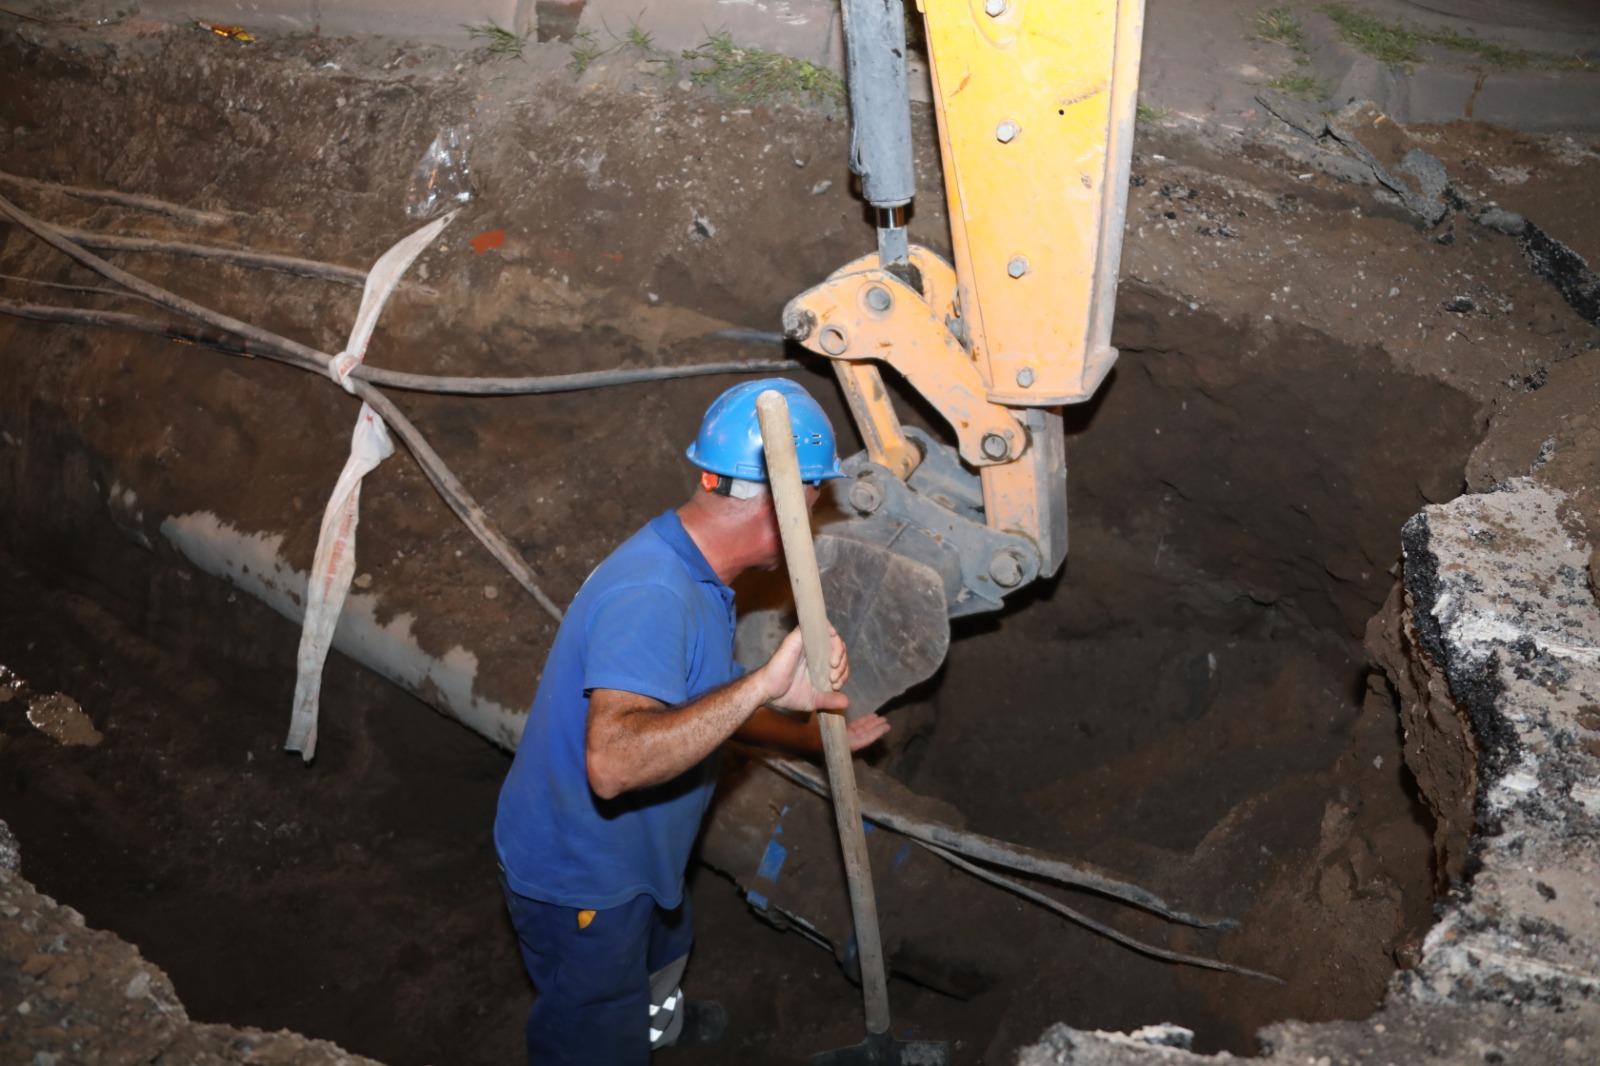 Altyapı ağımızı en yüksek standartlara çekmek için gece gündüz demeden çalışıyoruz...